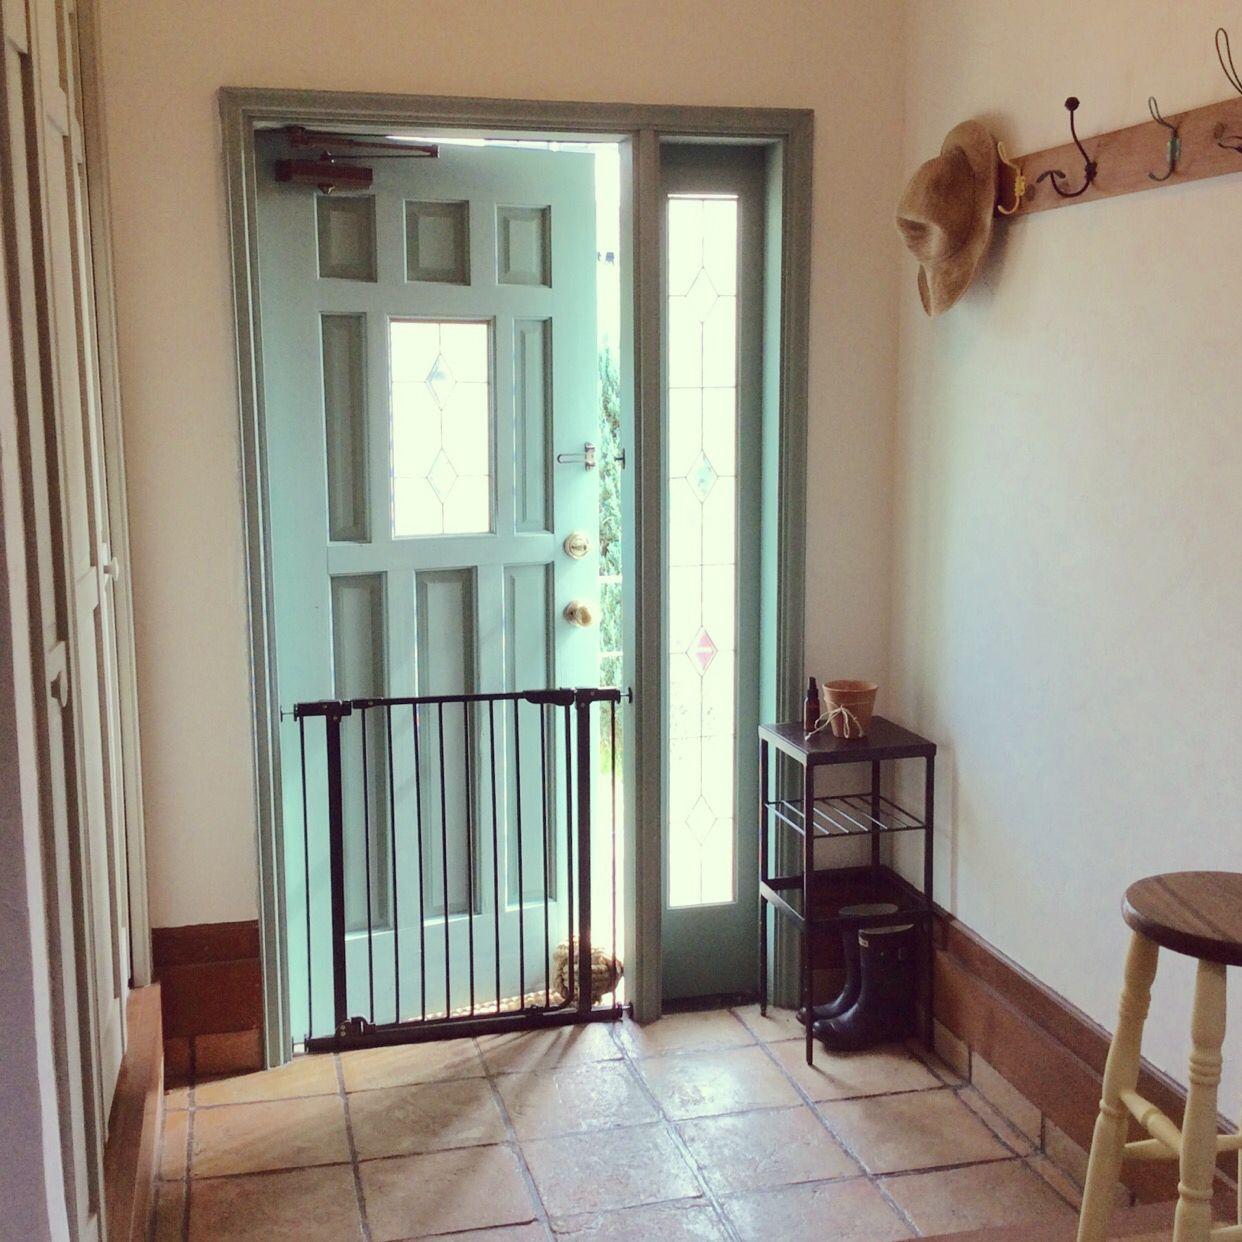 実例38選 玄関ドアをおしゃれに リフォームやdiy 塗装でひと味違うコーディネートへ 玄関ドア 住宅 玄関